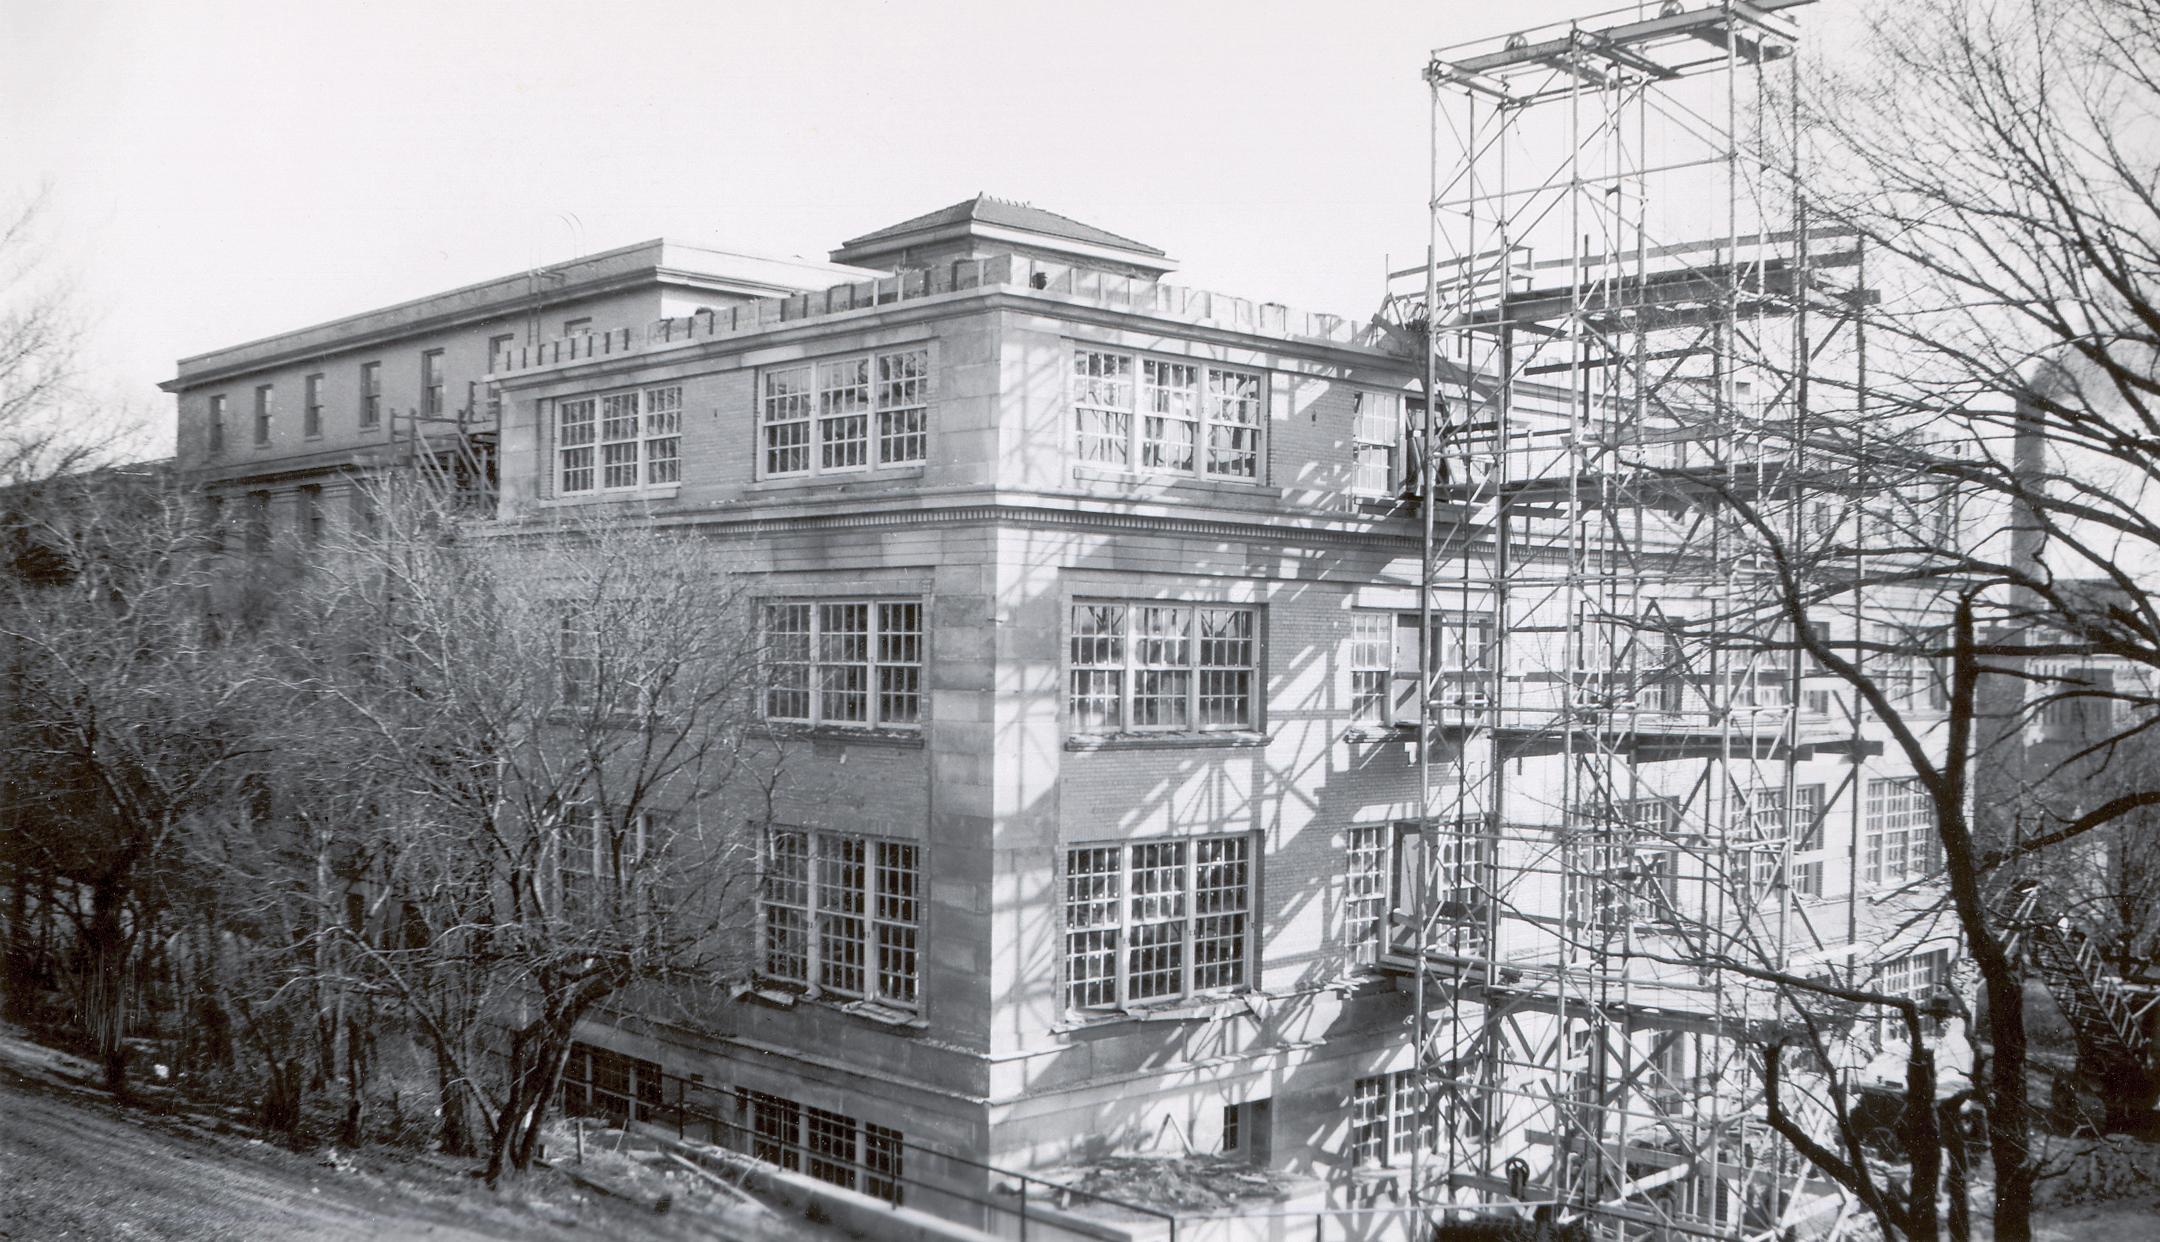 Home Economics Building construction